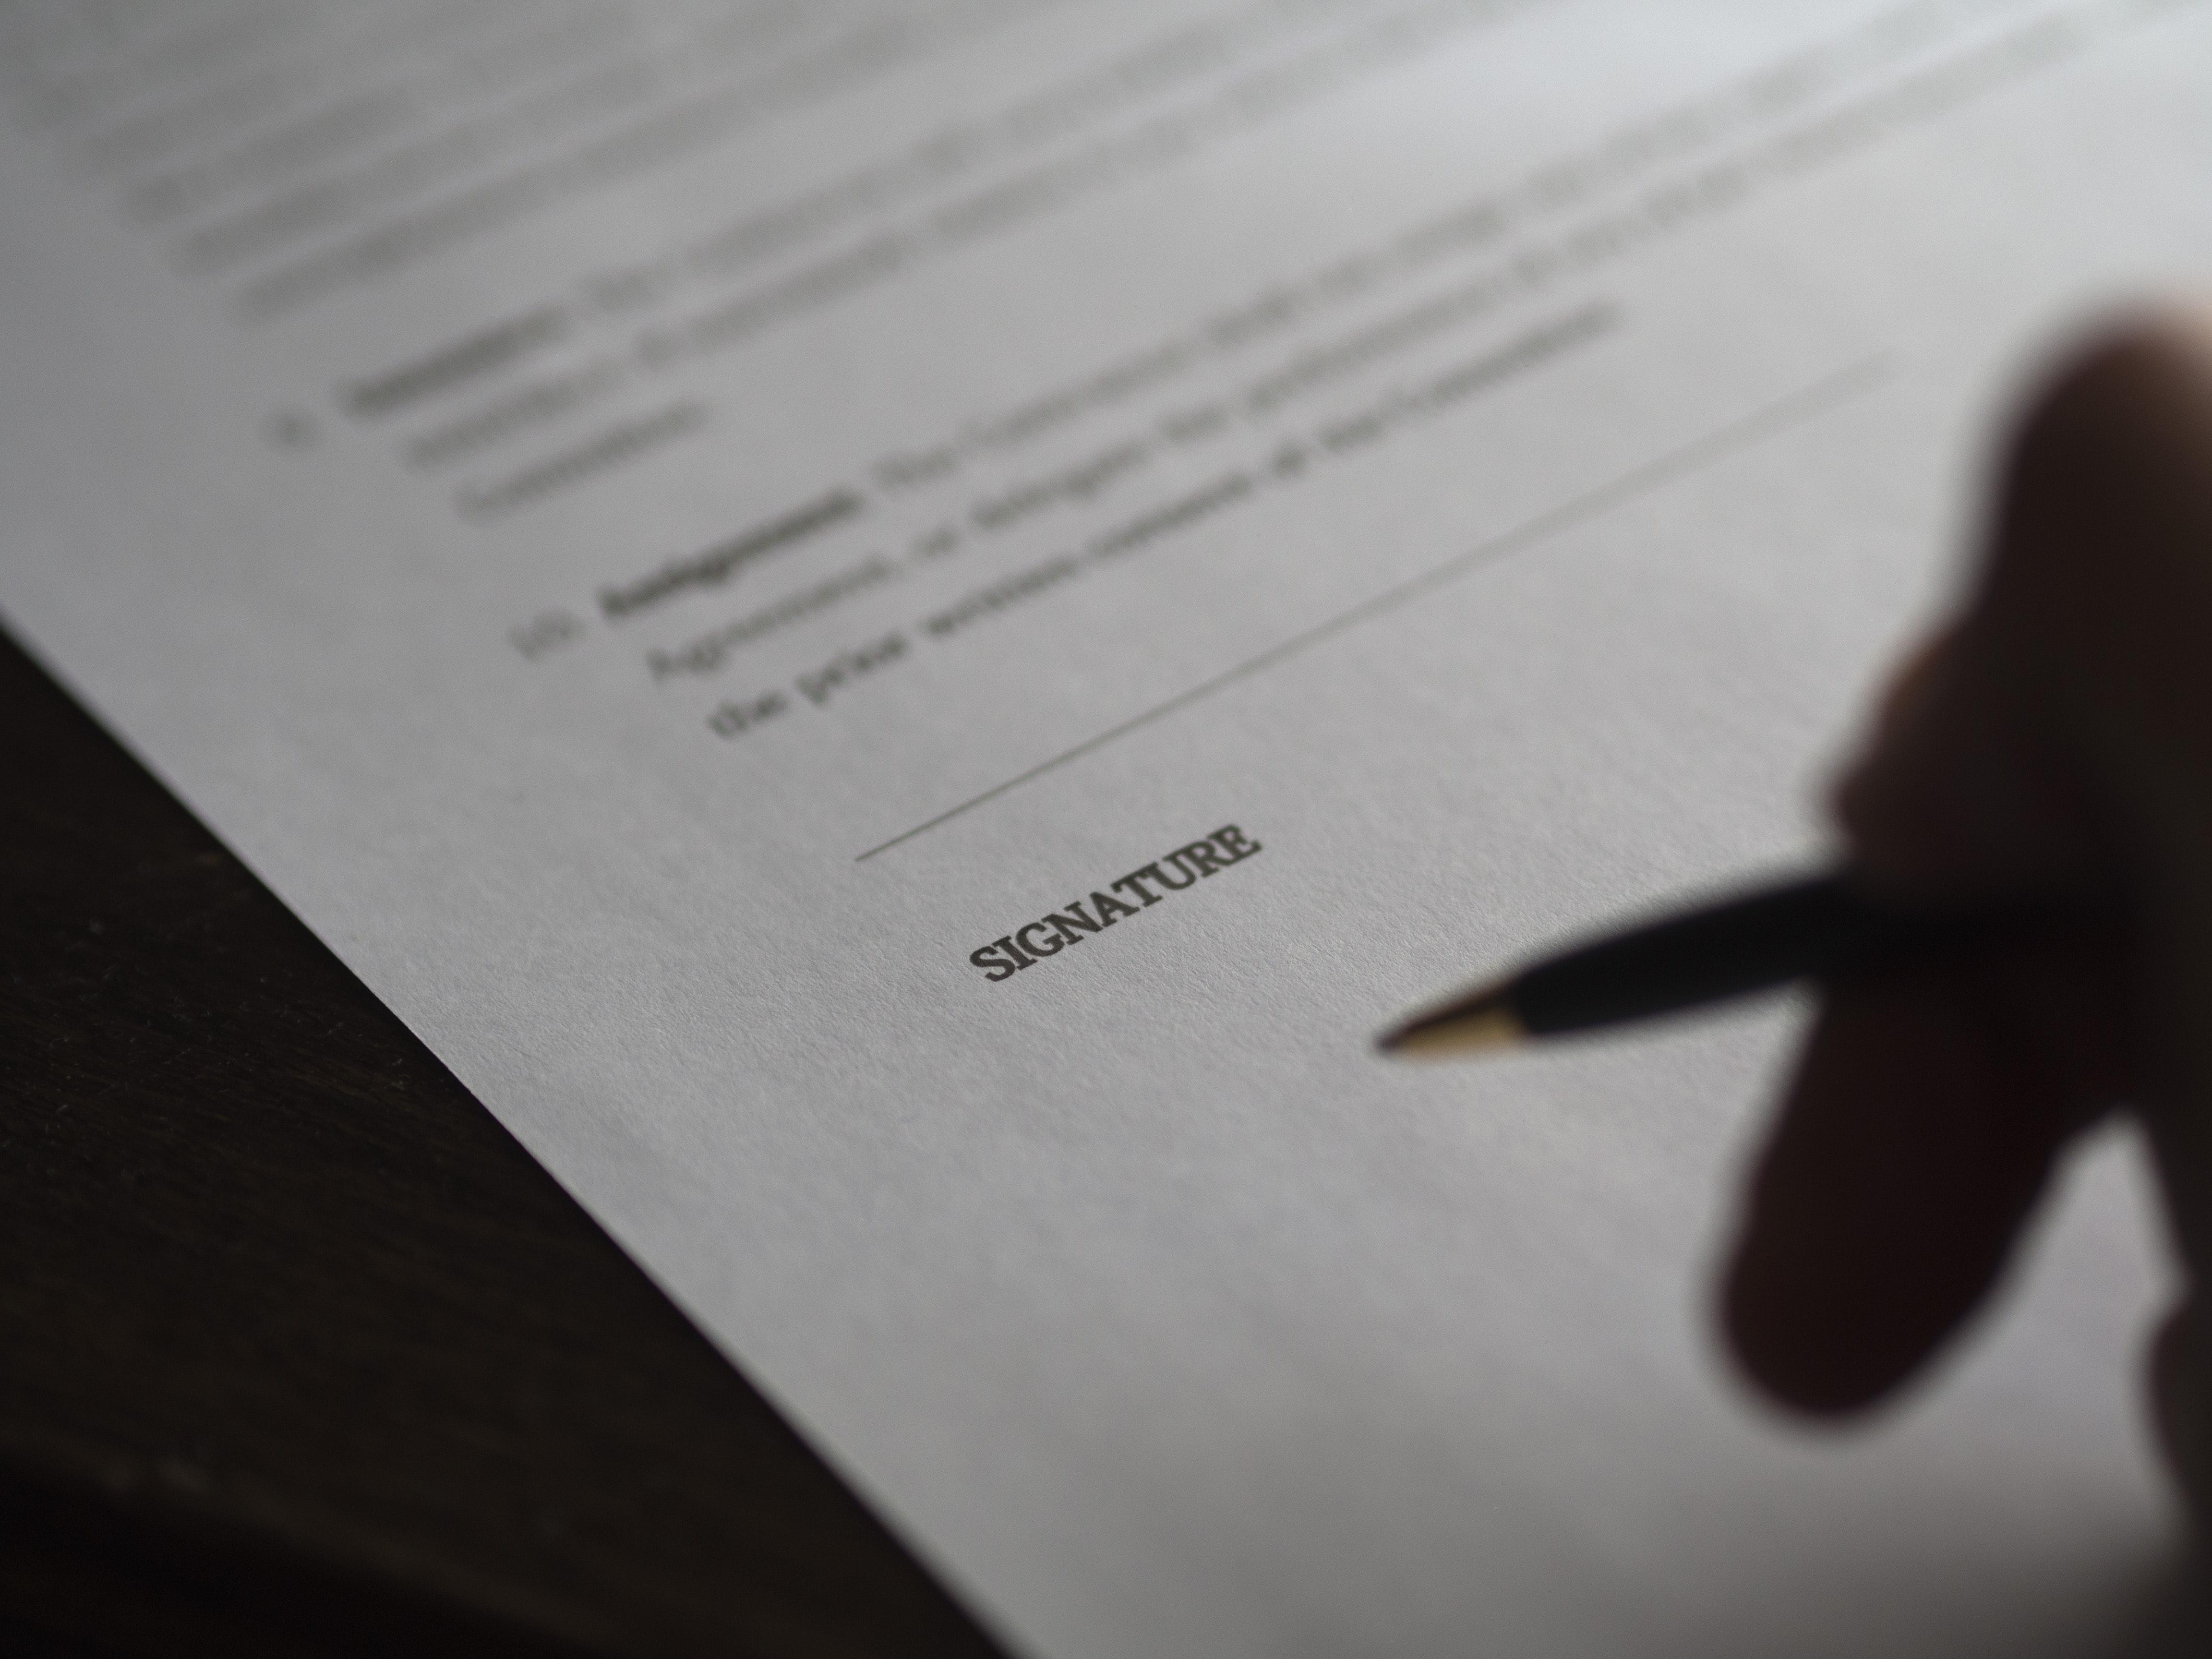 Non-disclosure agreement (NDA). Czyli co powinna zawierać dobra umowa o poufności